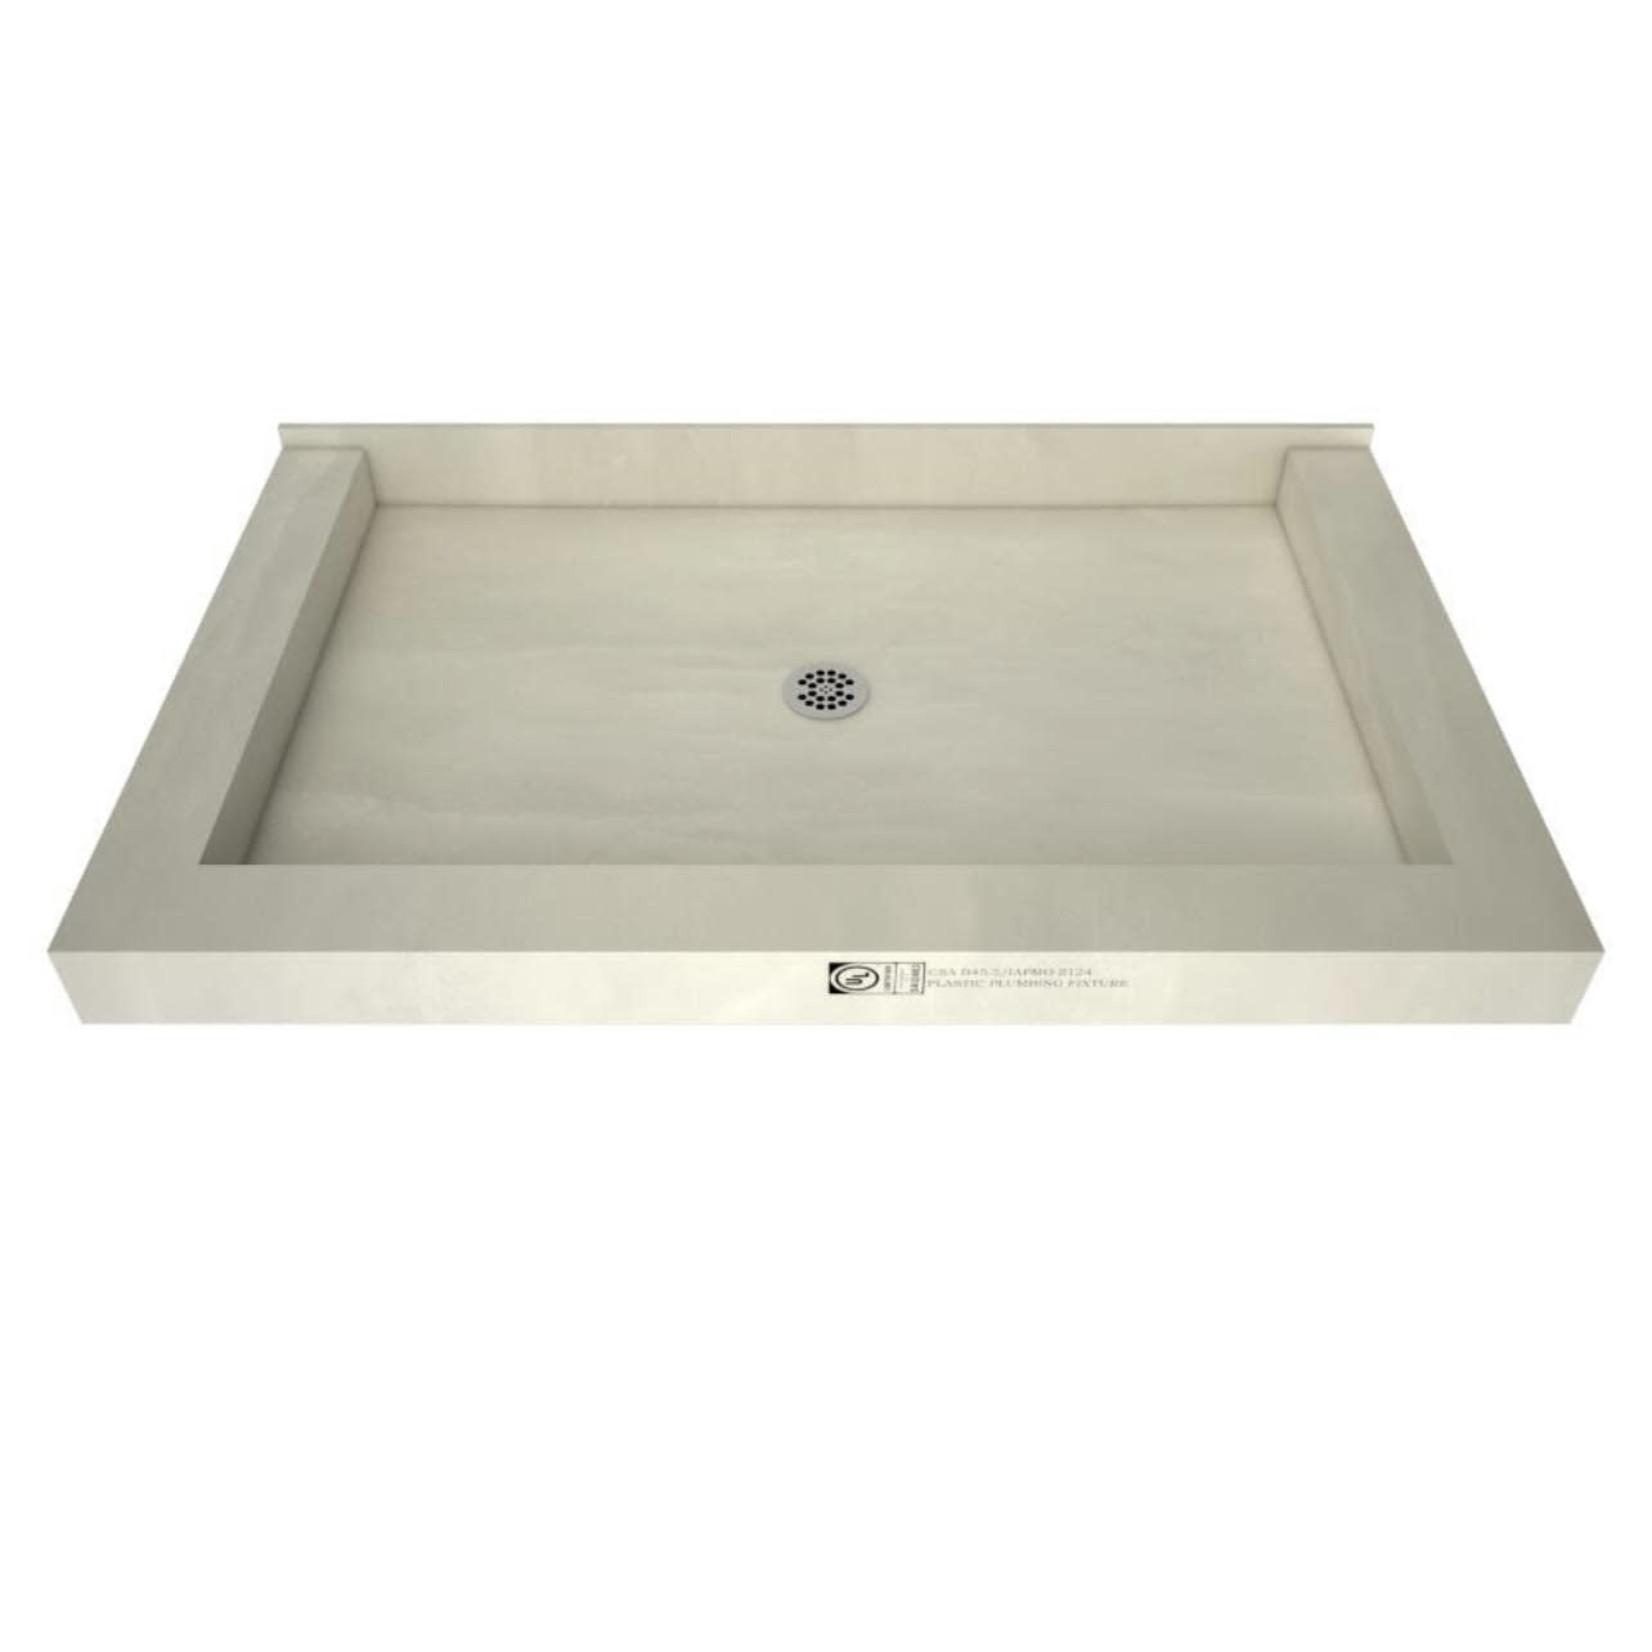 10409 Tile Ready Center Drain Shower Pan